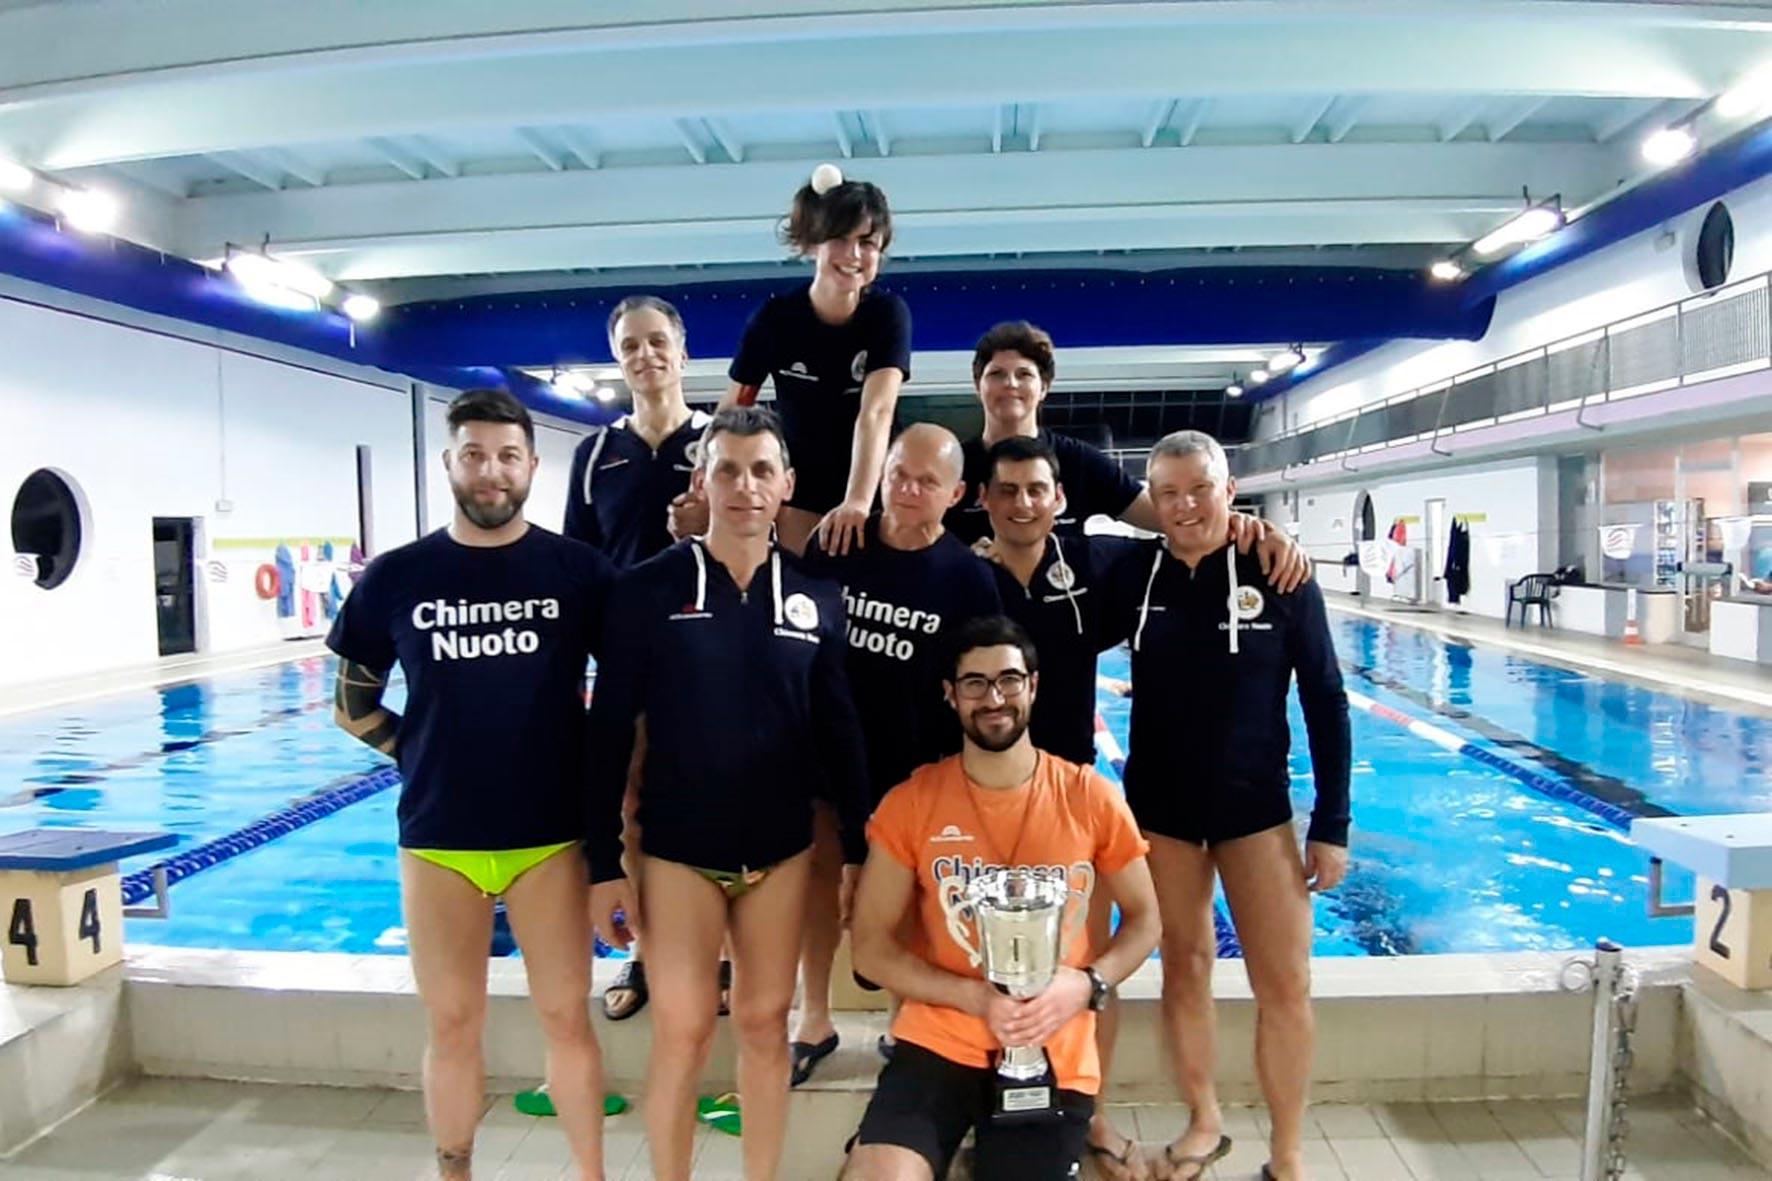 7c19b8067b63 La Chimera Nuoto trionfa ai Campionati Umbri Master - ArezzoWeb